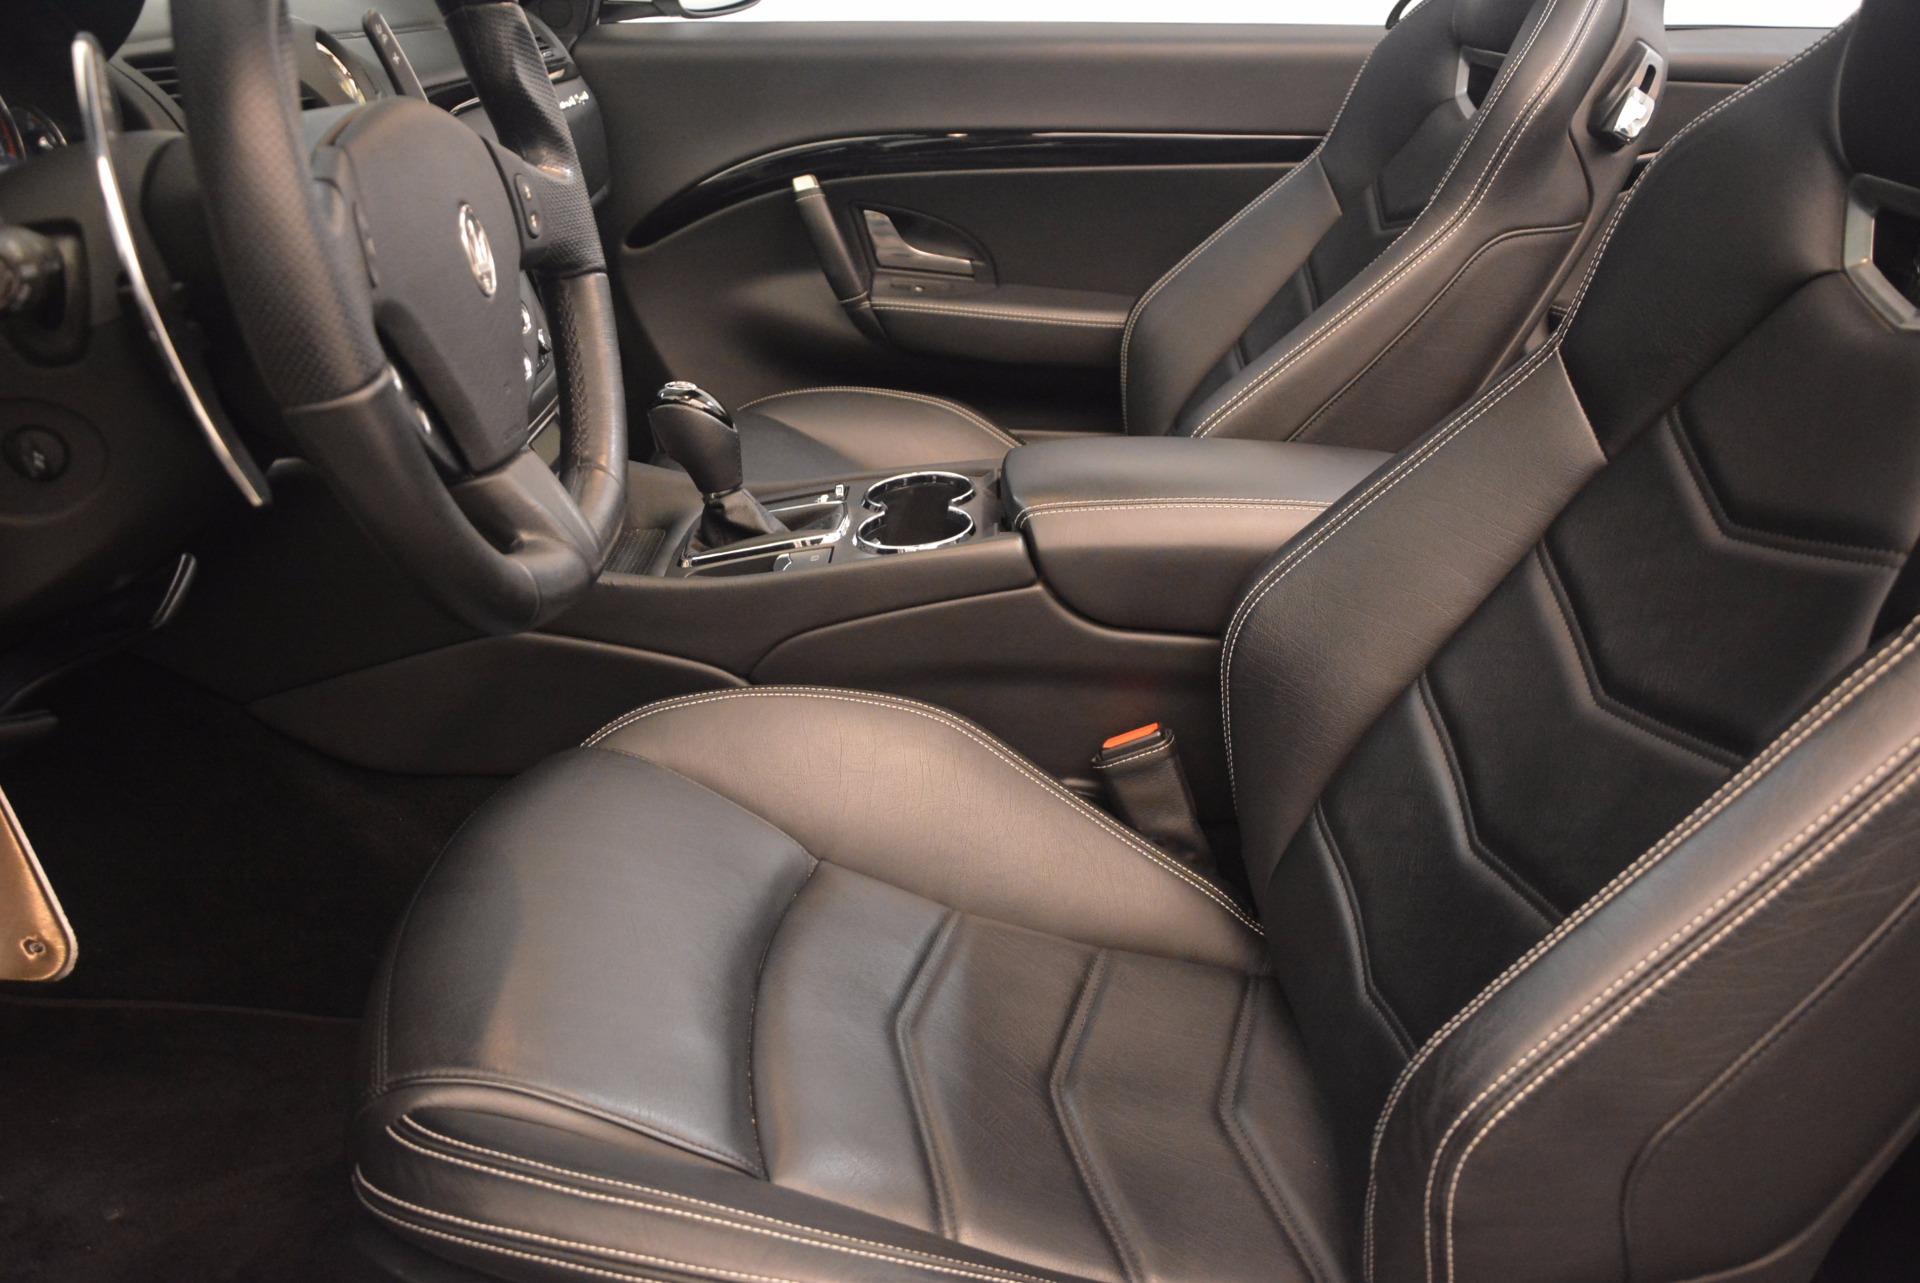 Used 2014 Maserati GranTurismo Sport For Sale In Greenwich, CT 1128_p44